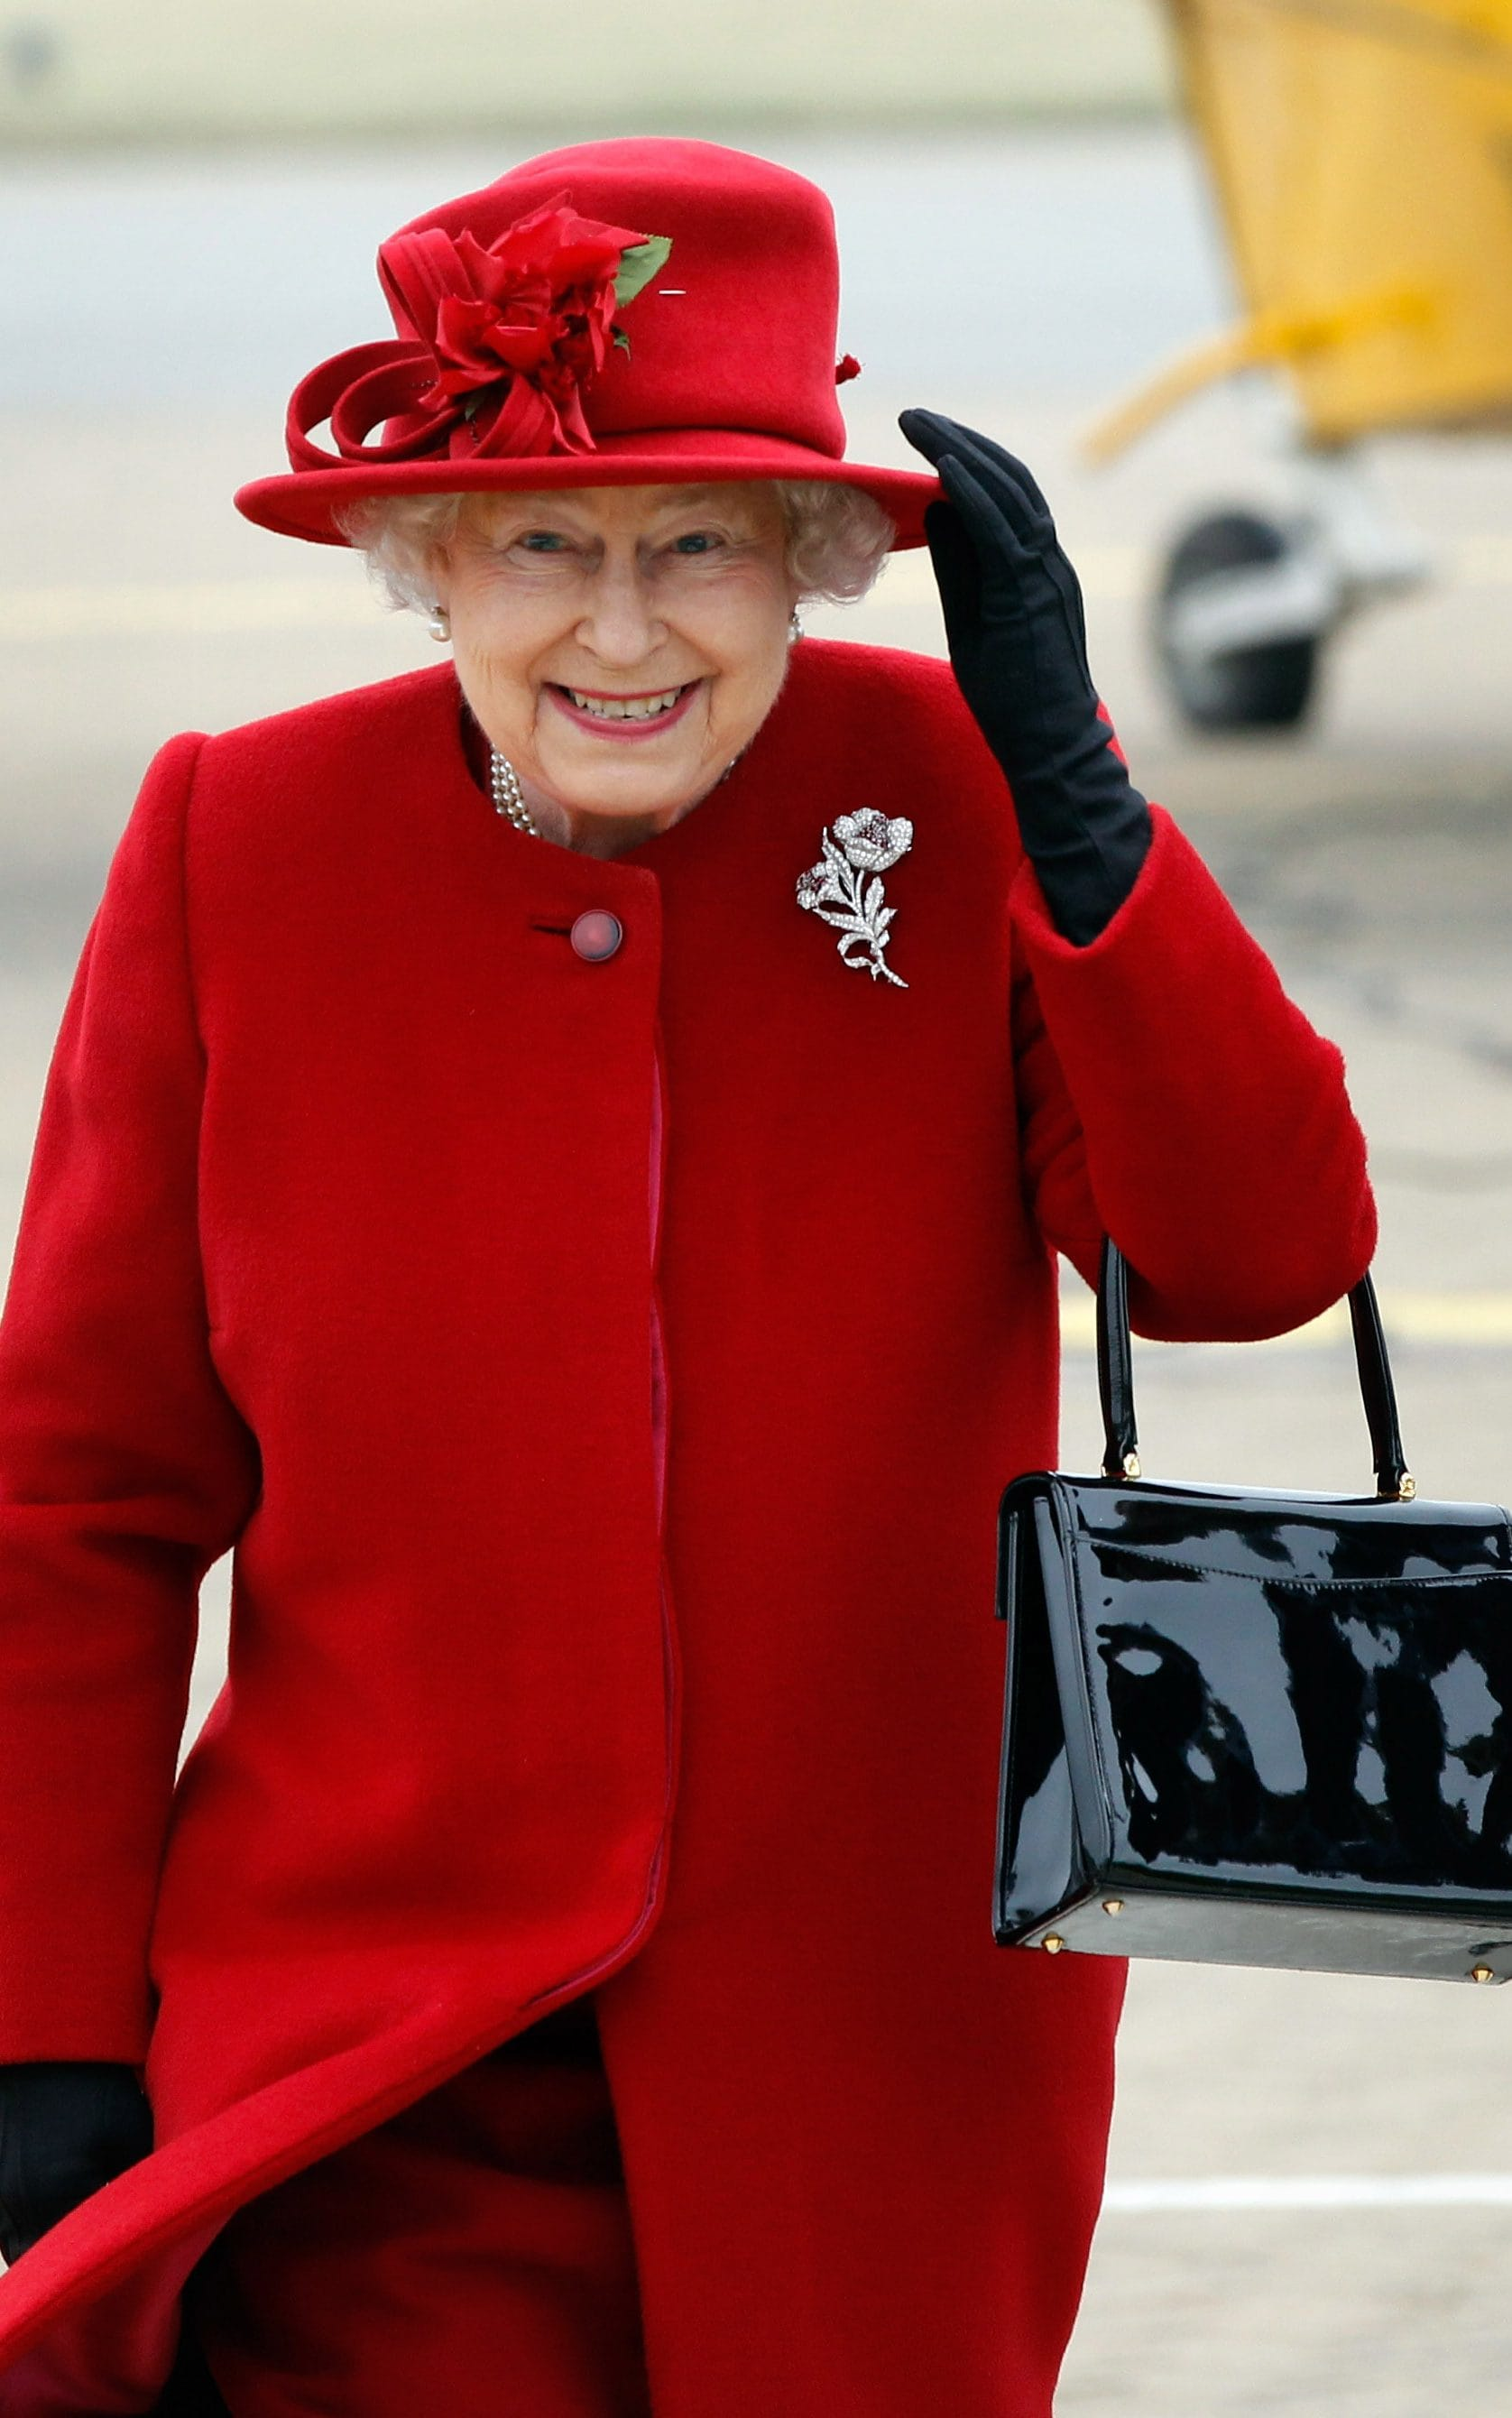 nữ hoàng elizabeth trong áo choàng và mũ đỏ